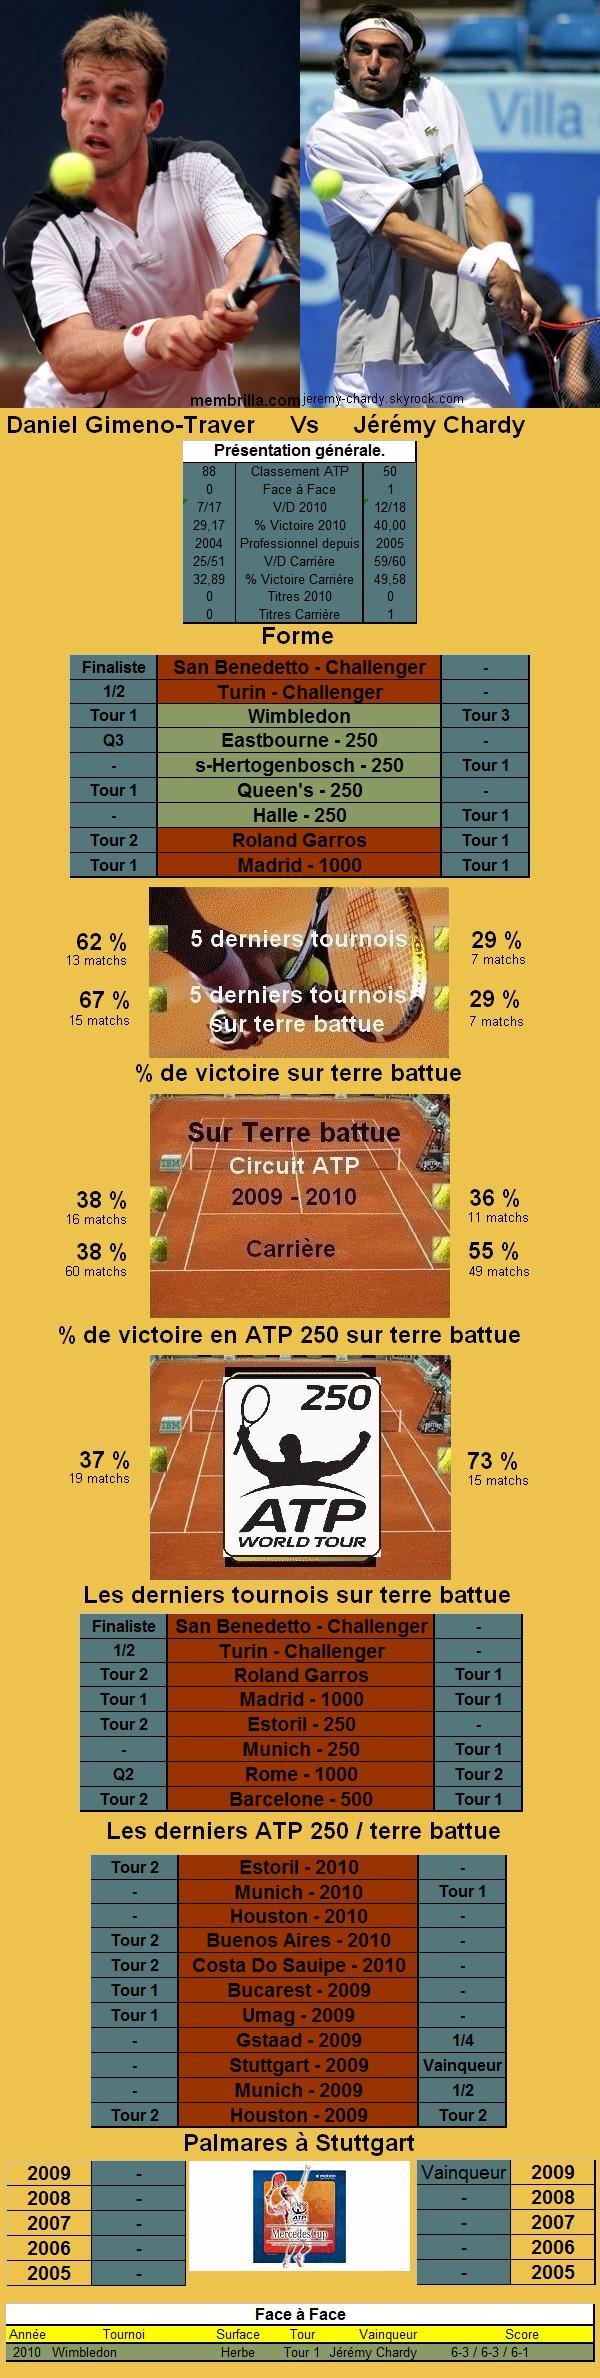 Statistiques tennis de Gimeno Traver contre Chardy à Stuttgart